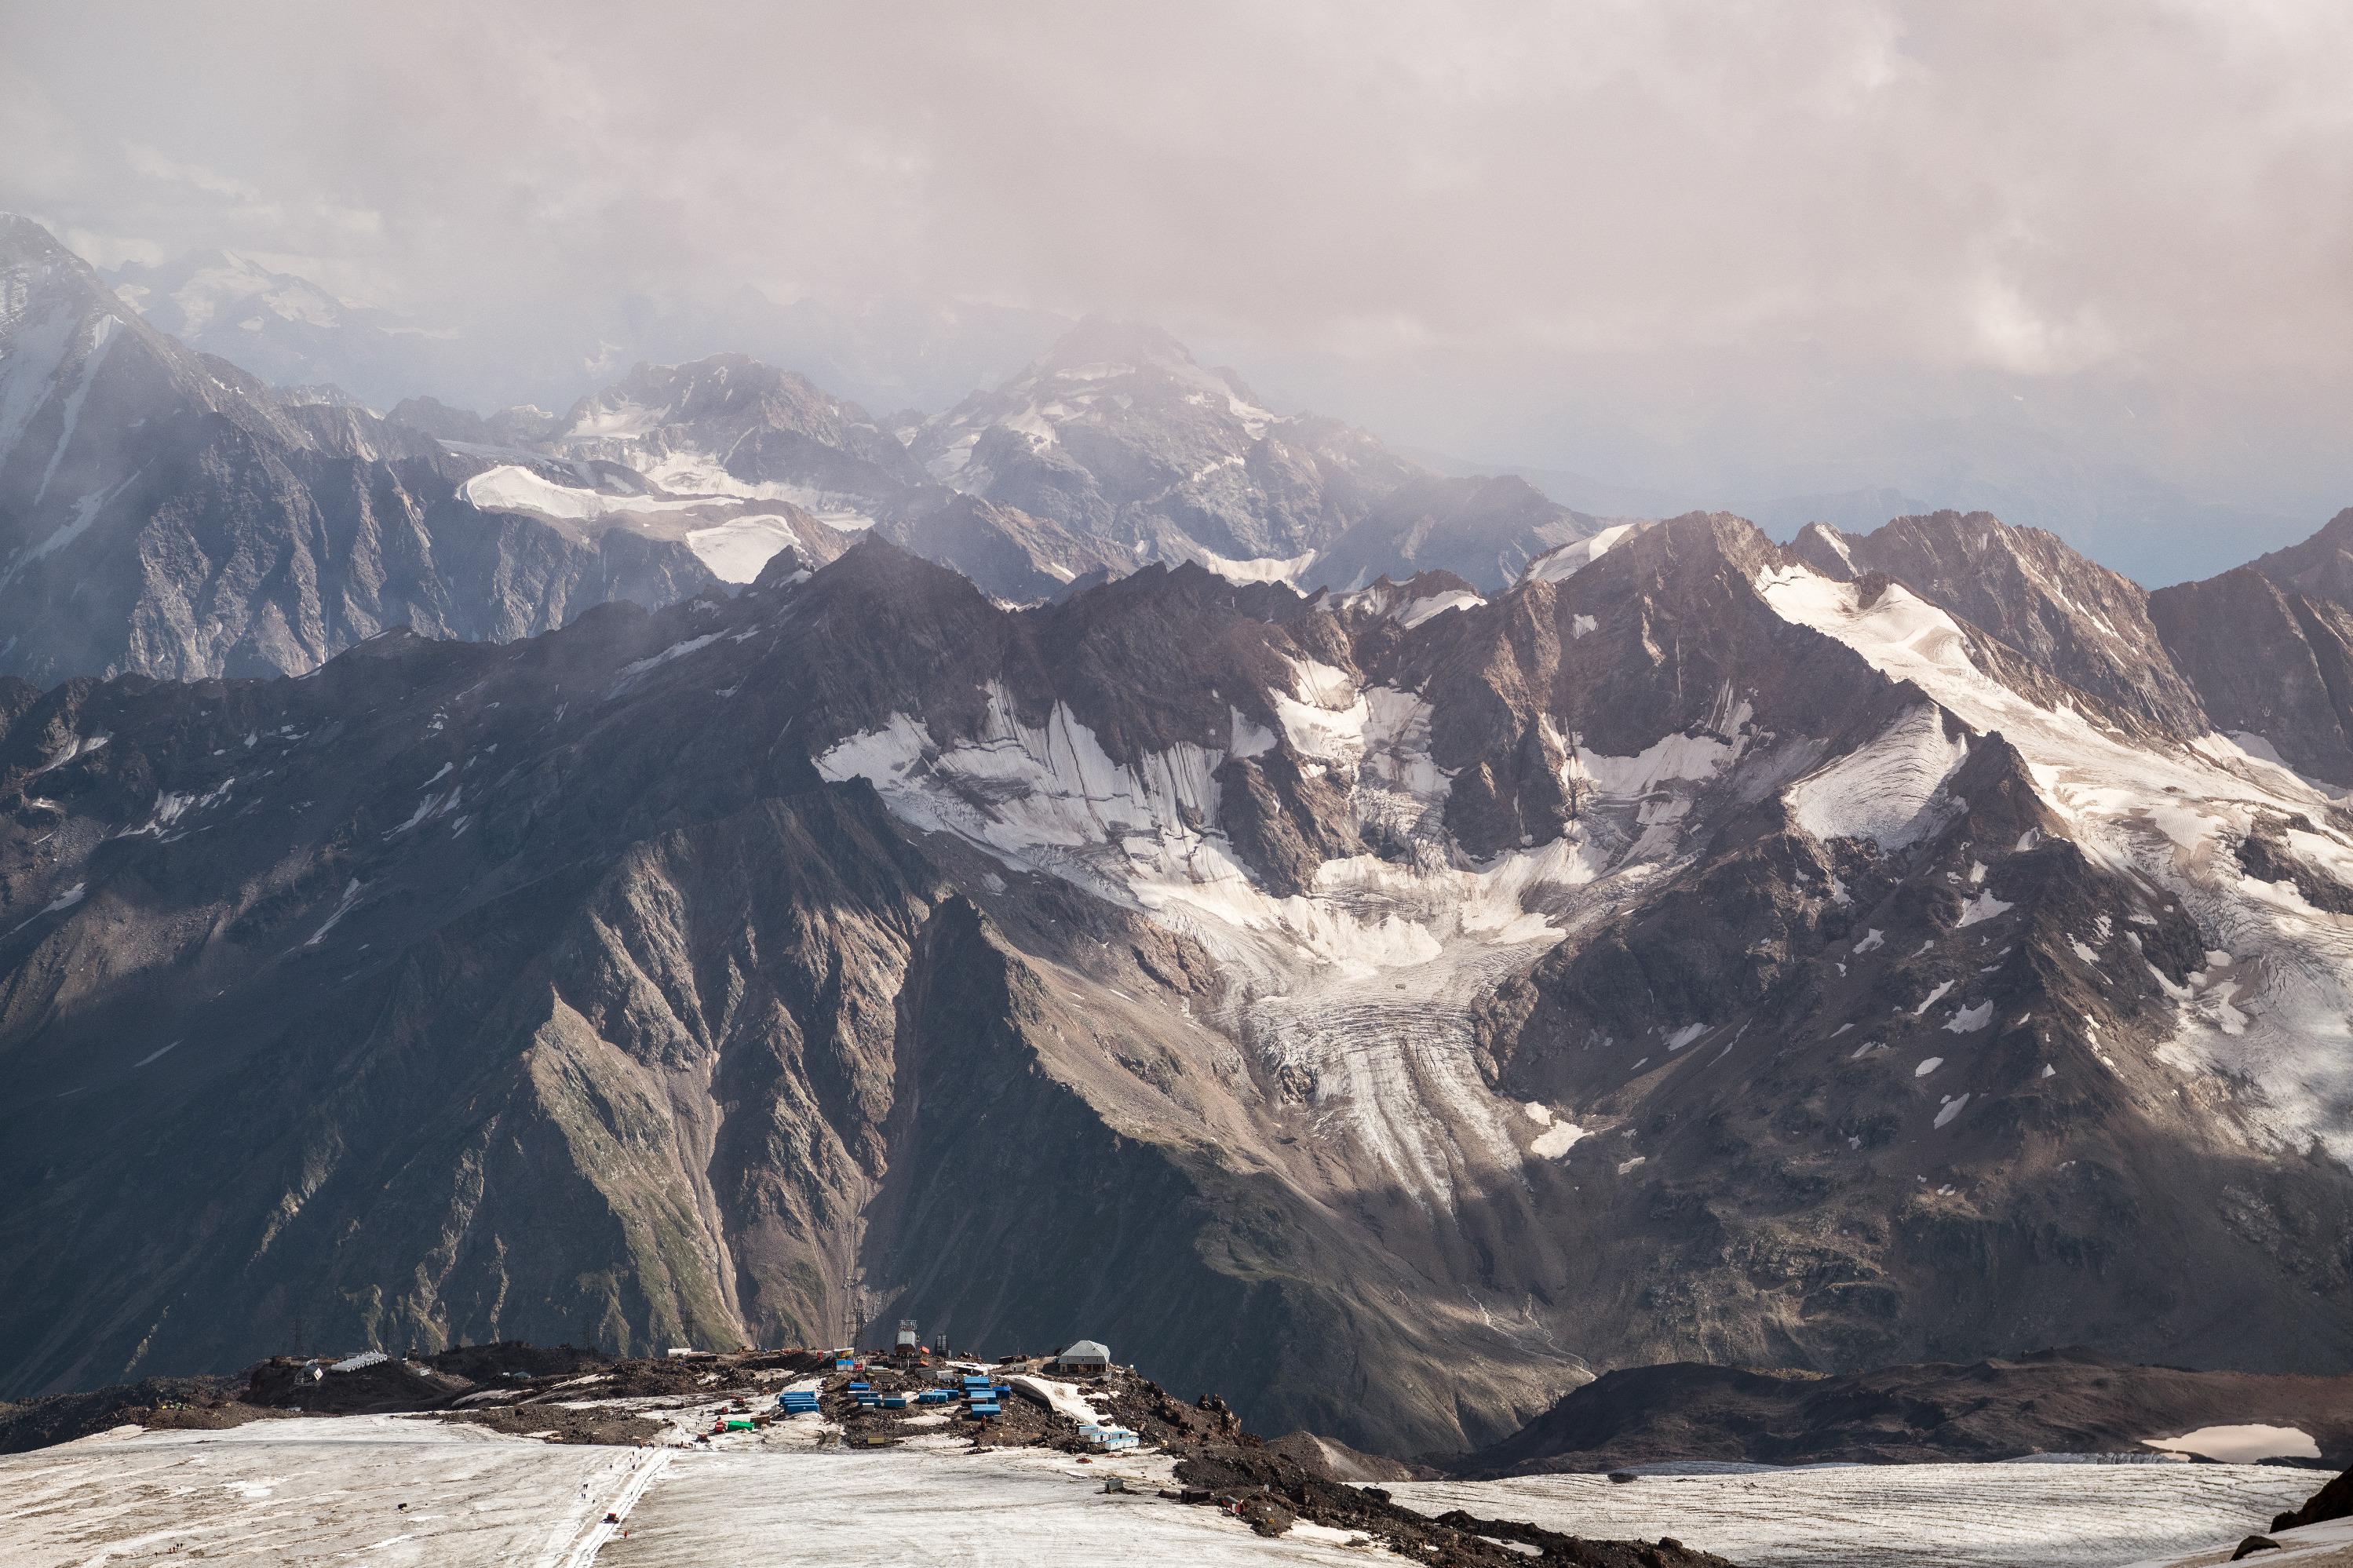 Летние пейзажи постепенно сменялись видами снежных вершин